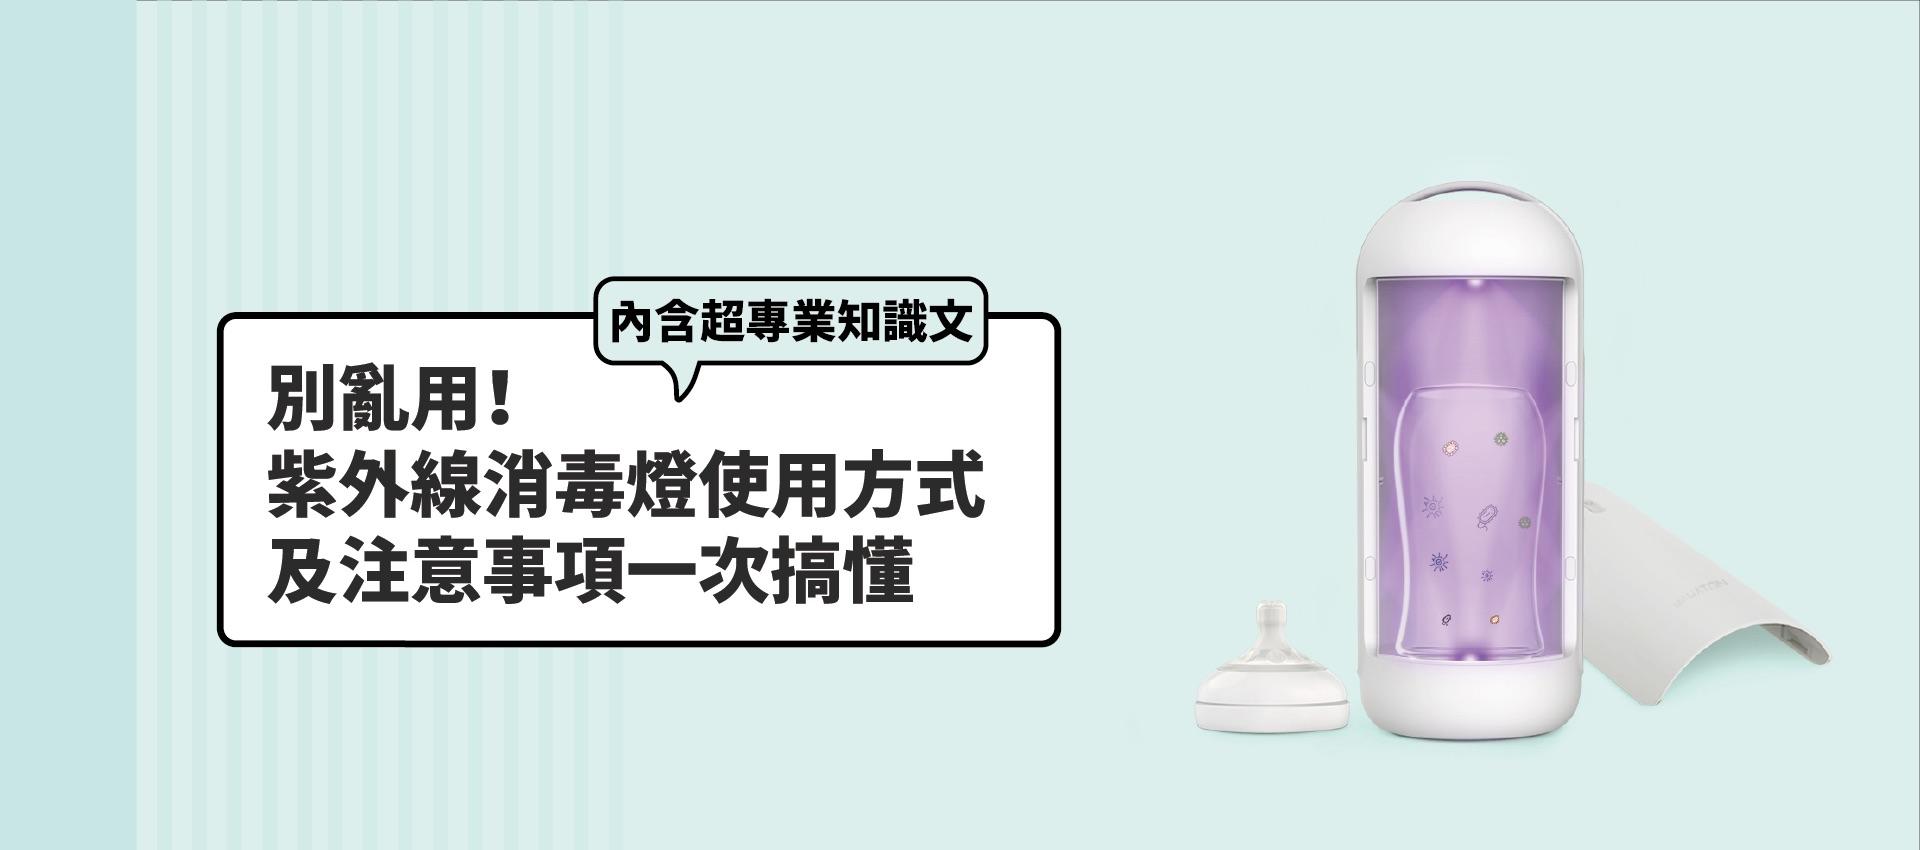 紫外線消毒燈怎麼選及使用注意事項一次搞懂,網友推薦 TOP10紫外線燈